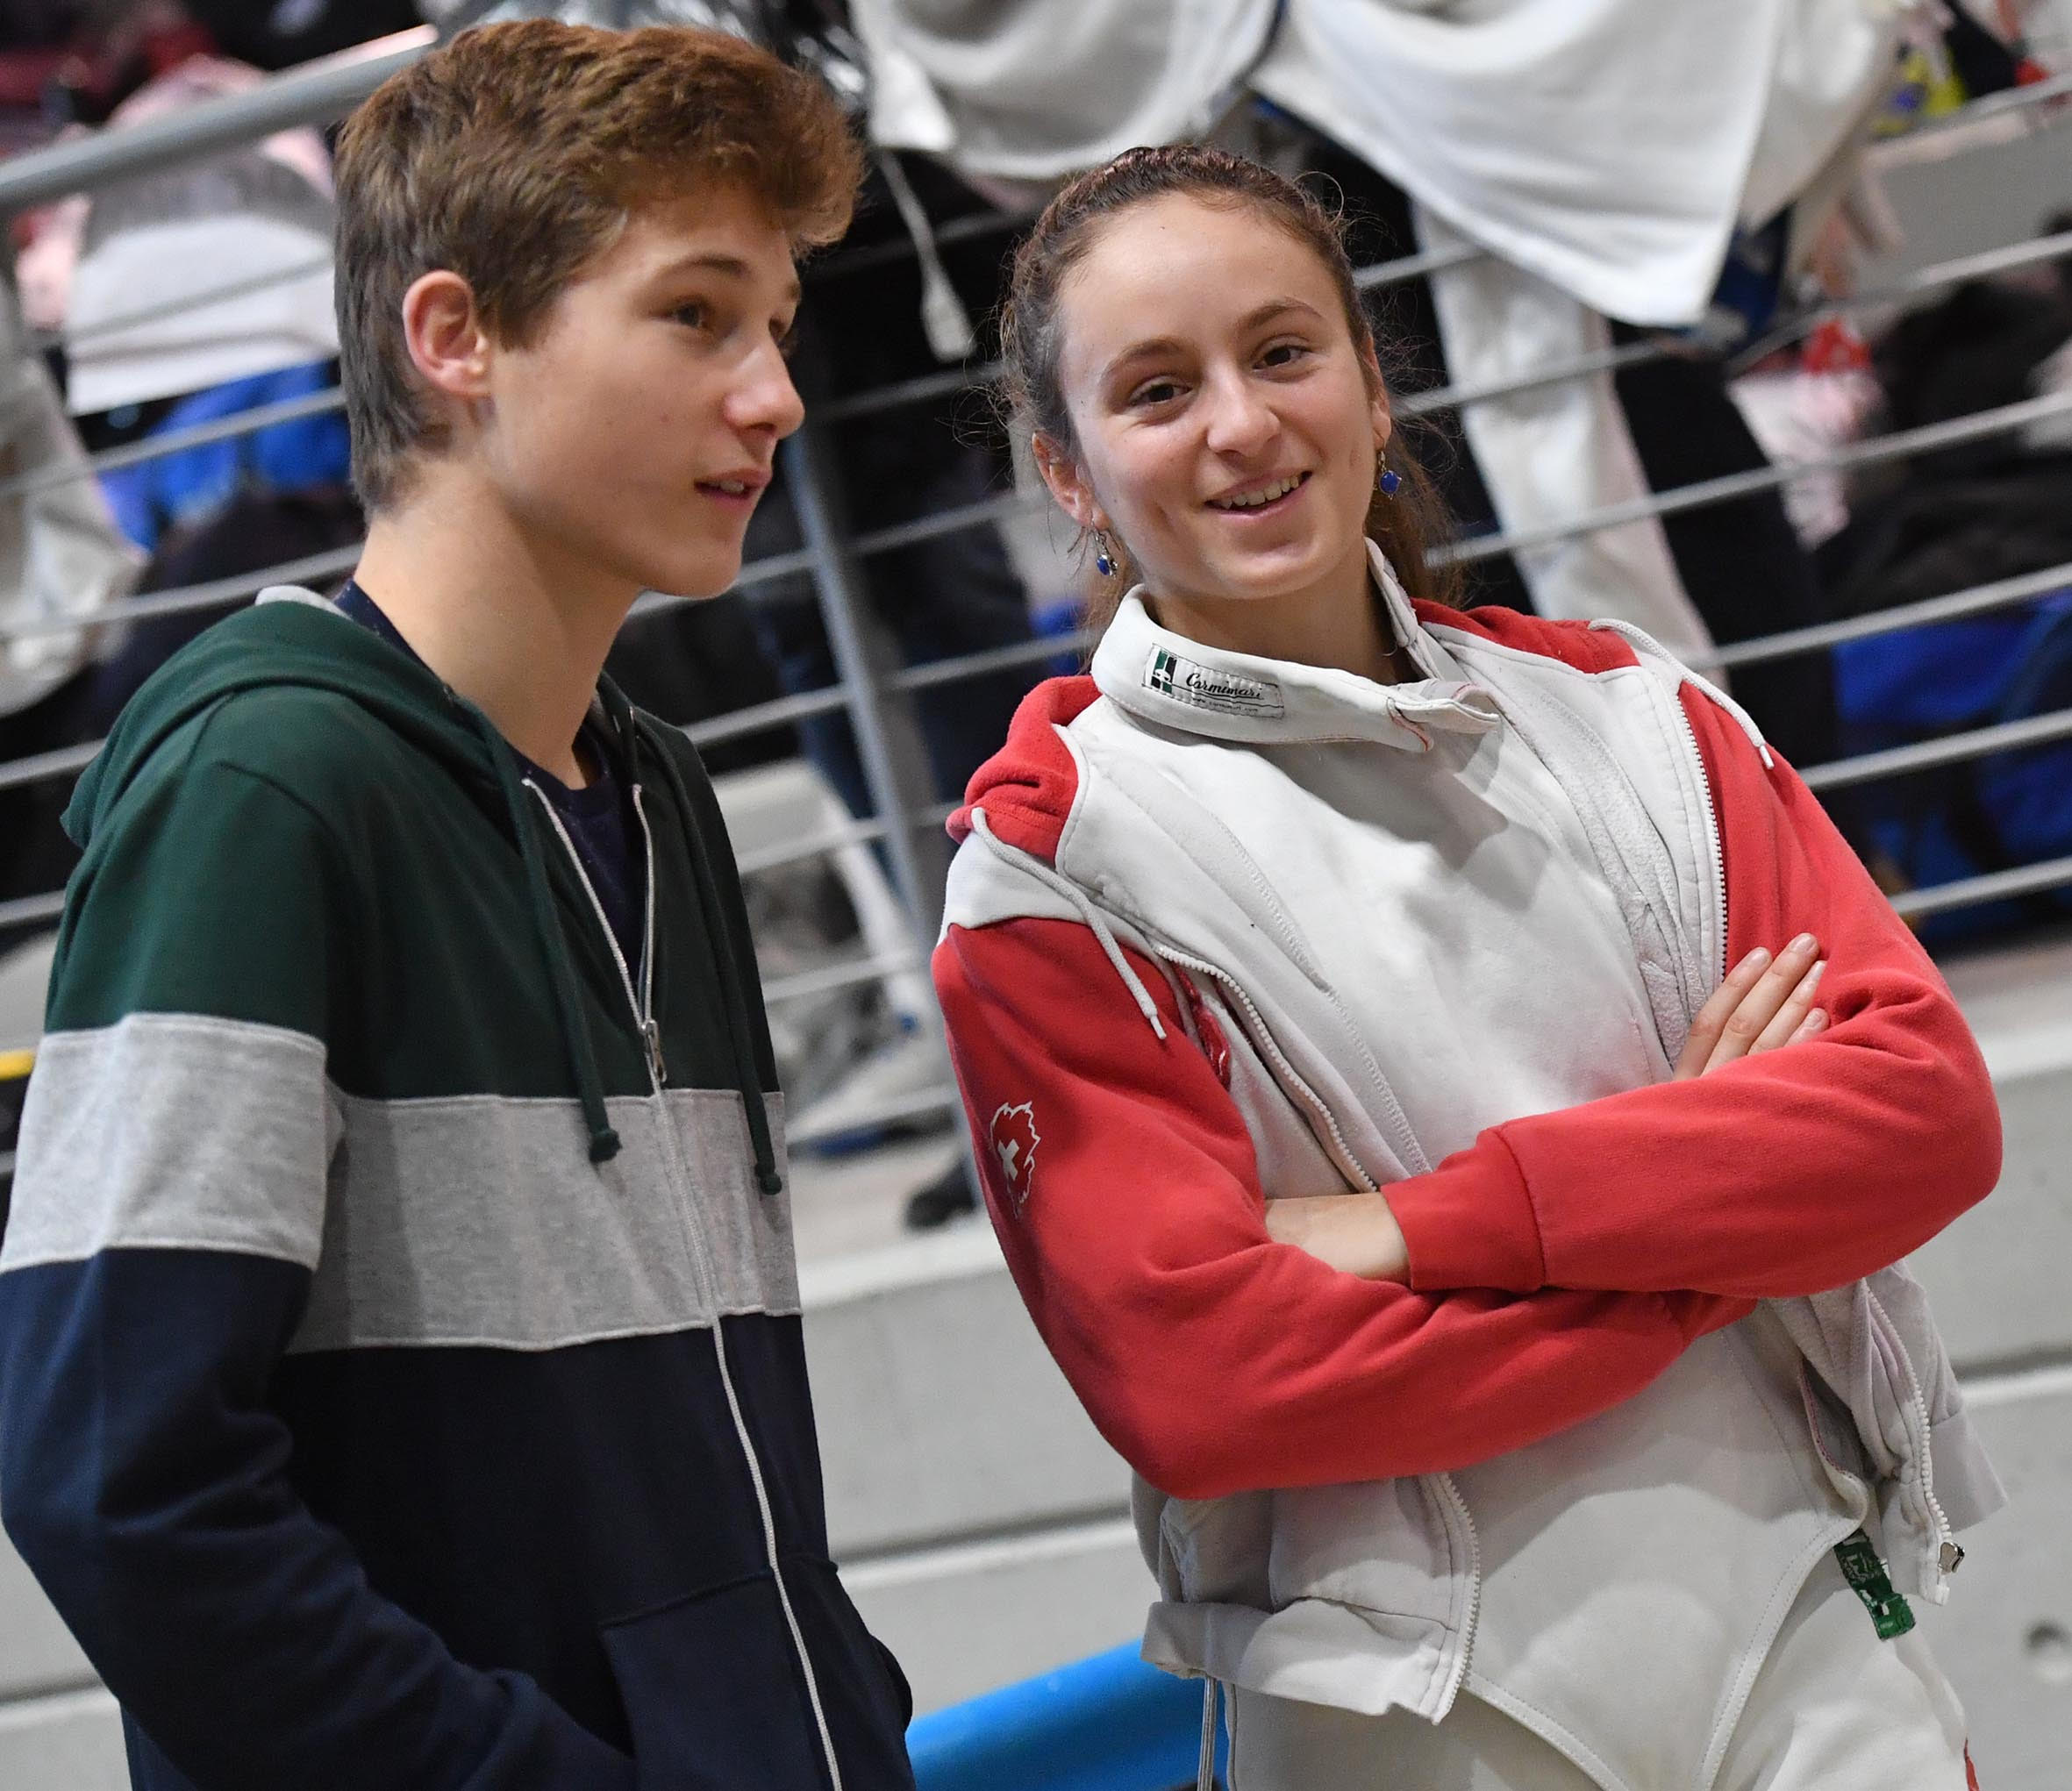 Angeline Favre vom Fechtclub Bern. (Foto: Augusto Bizzi/FIE, Swiss Fencing)